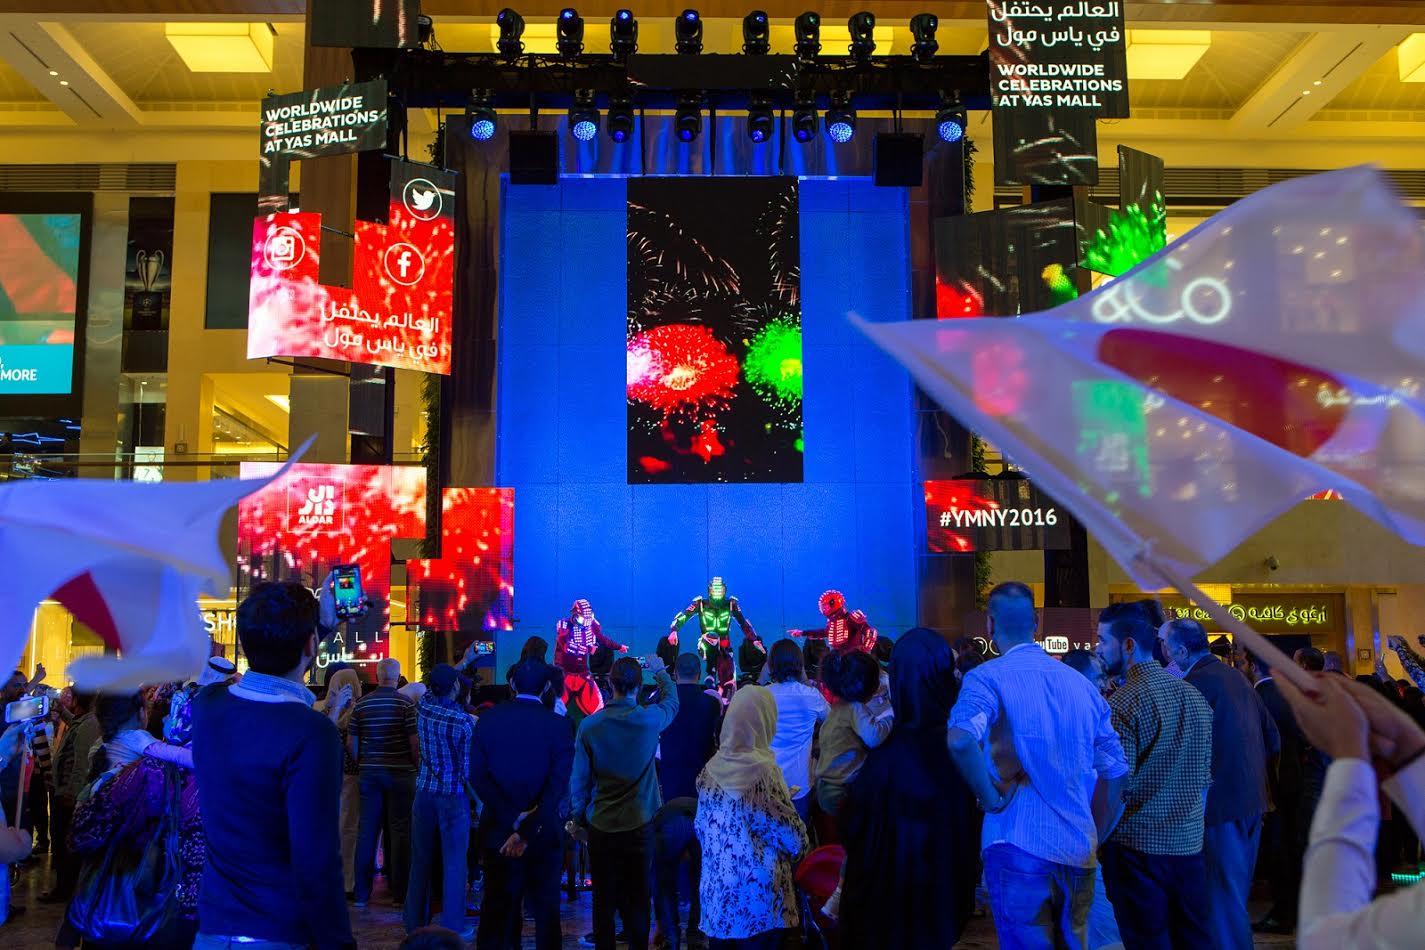 أجمل عروض الرقص في ياس مول خلال ليلة رأس السنة 2017